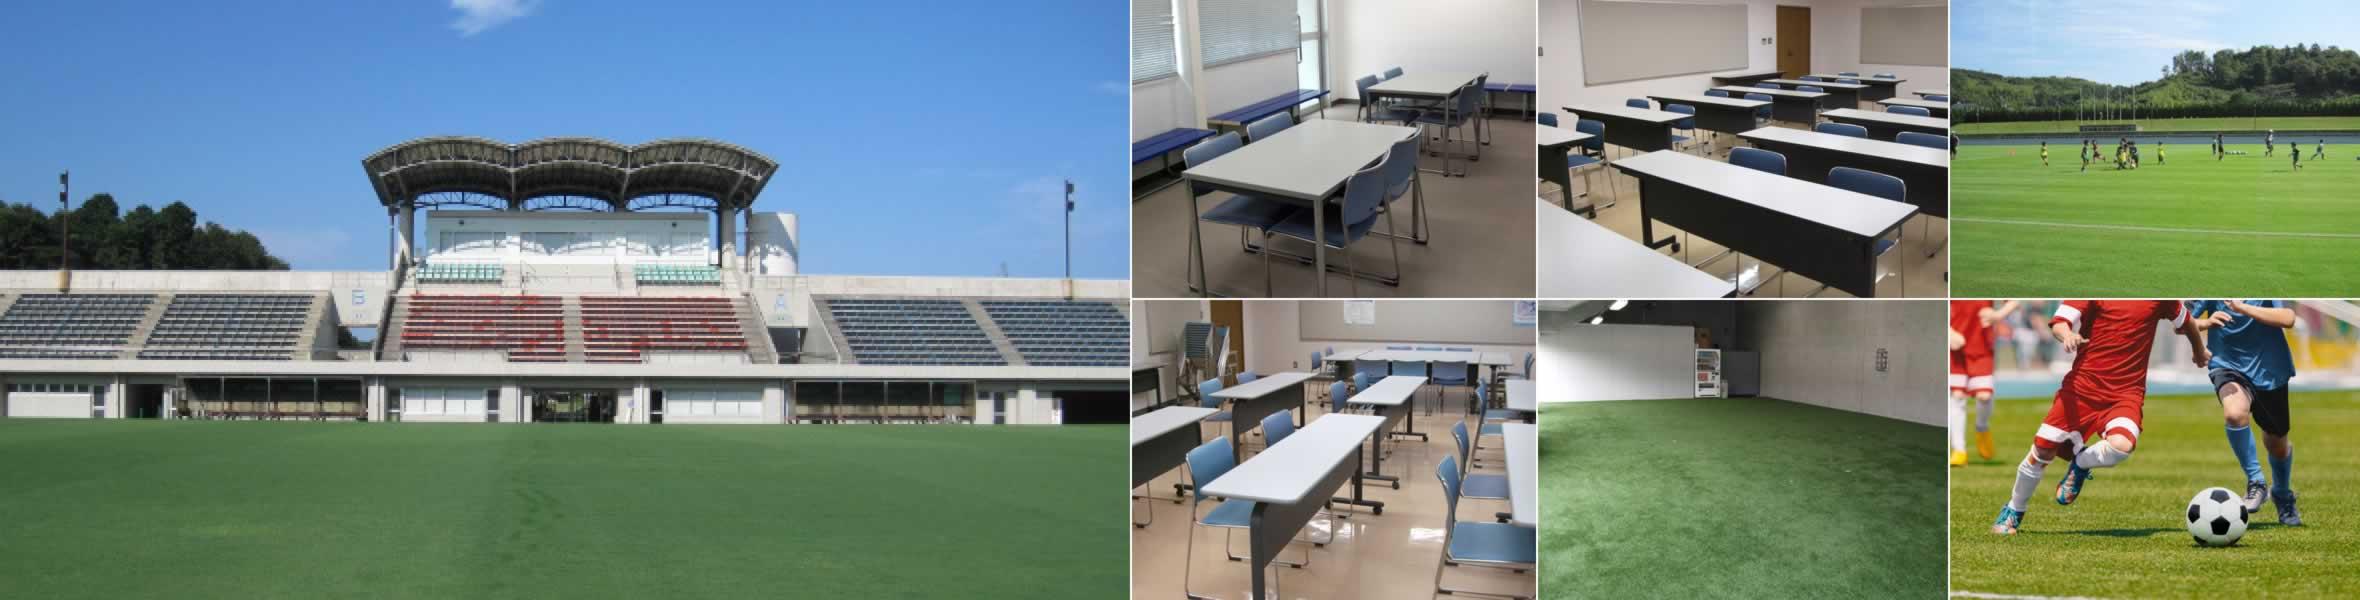 島根県立サッカー場